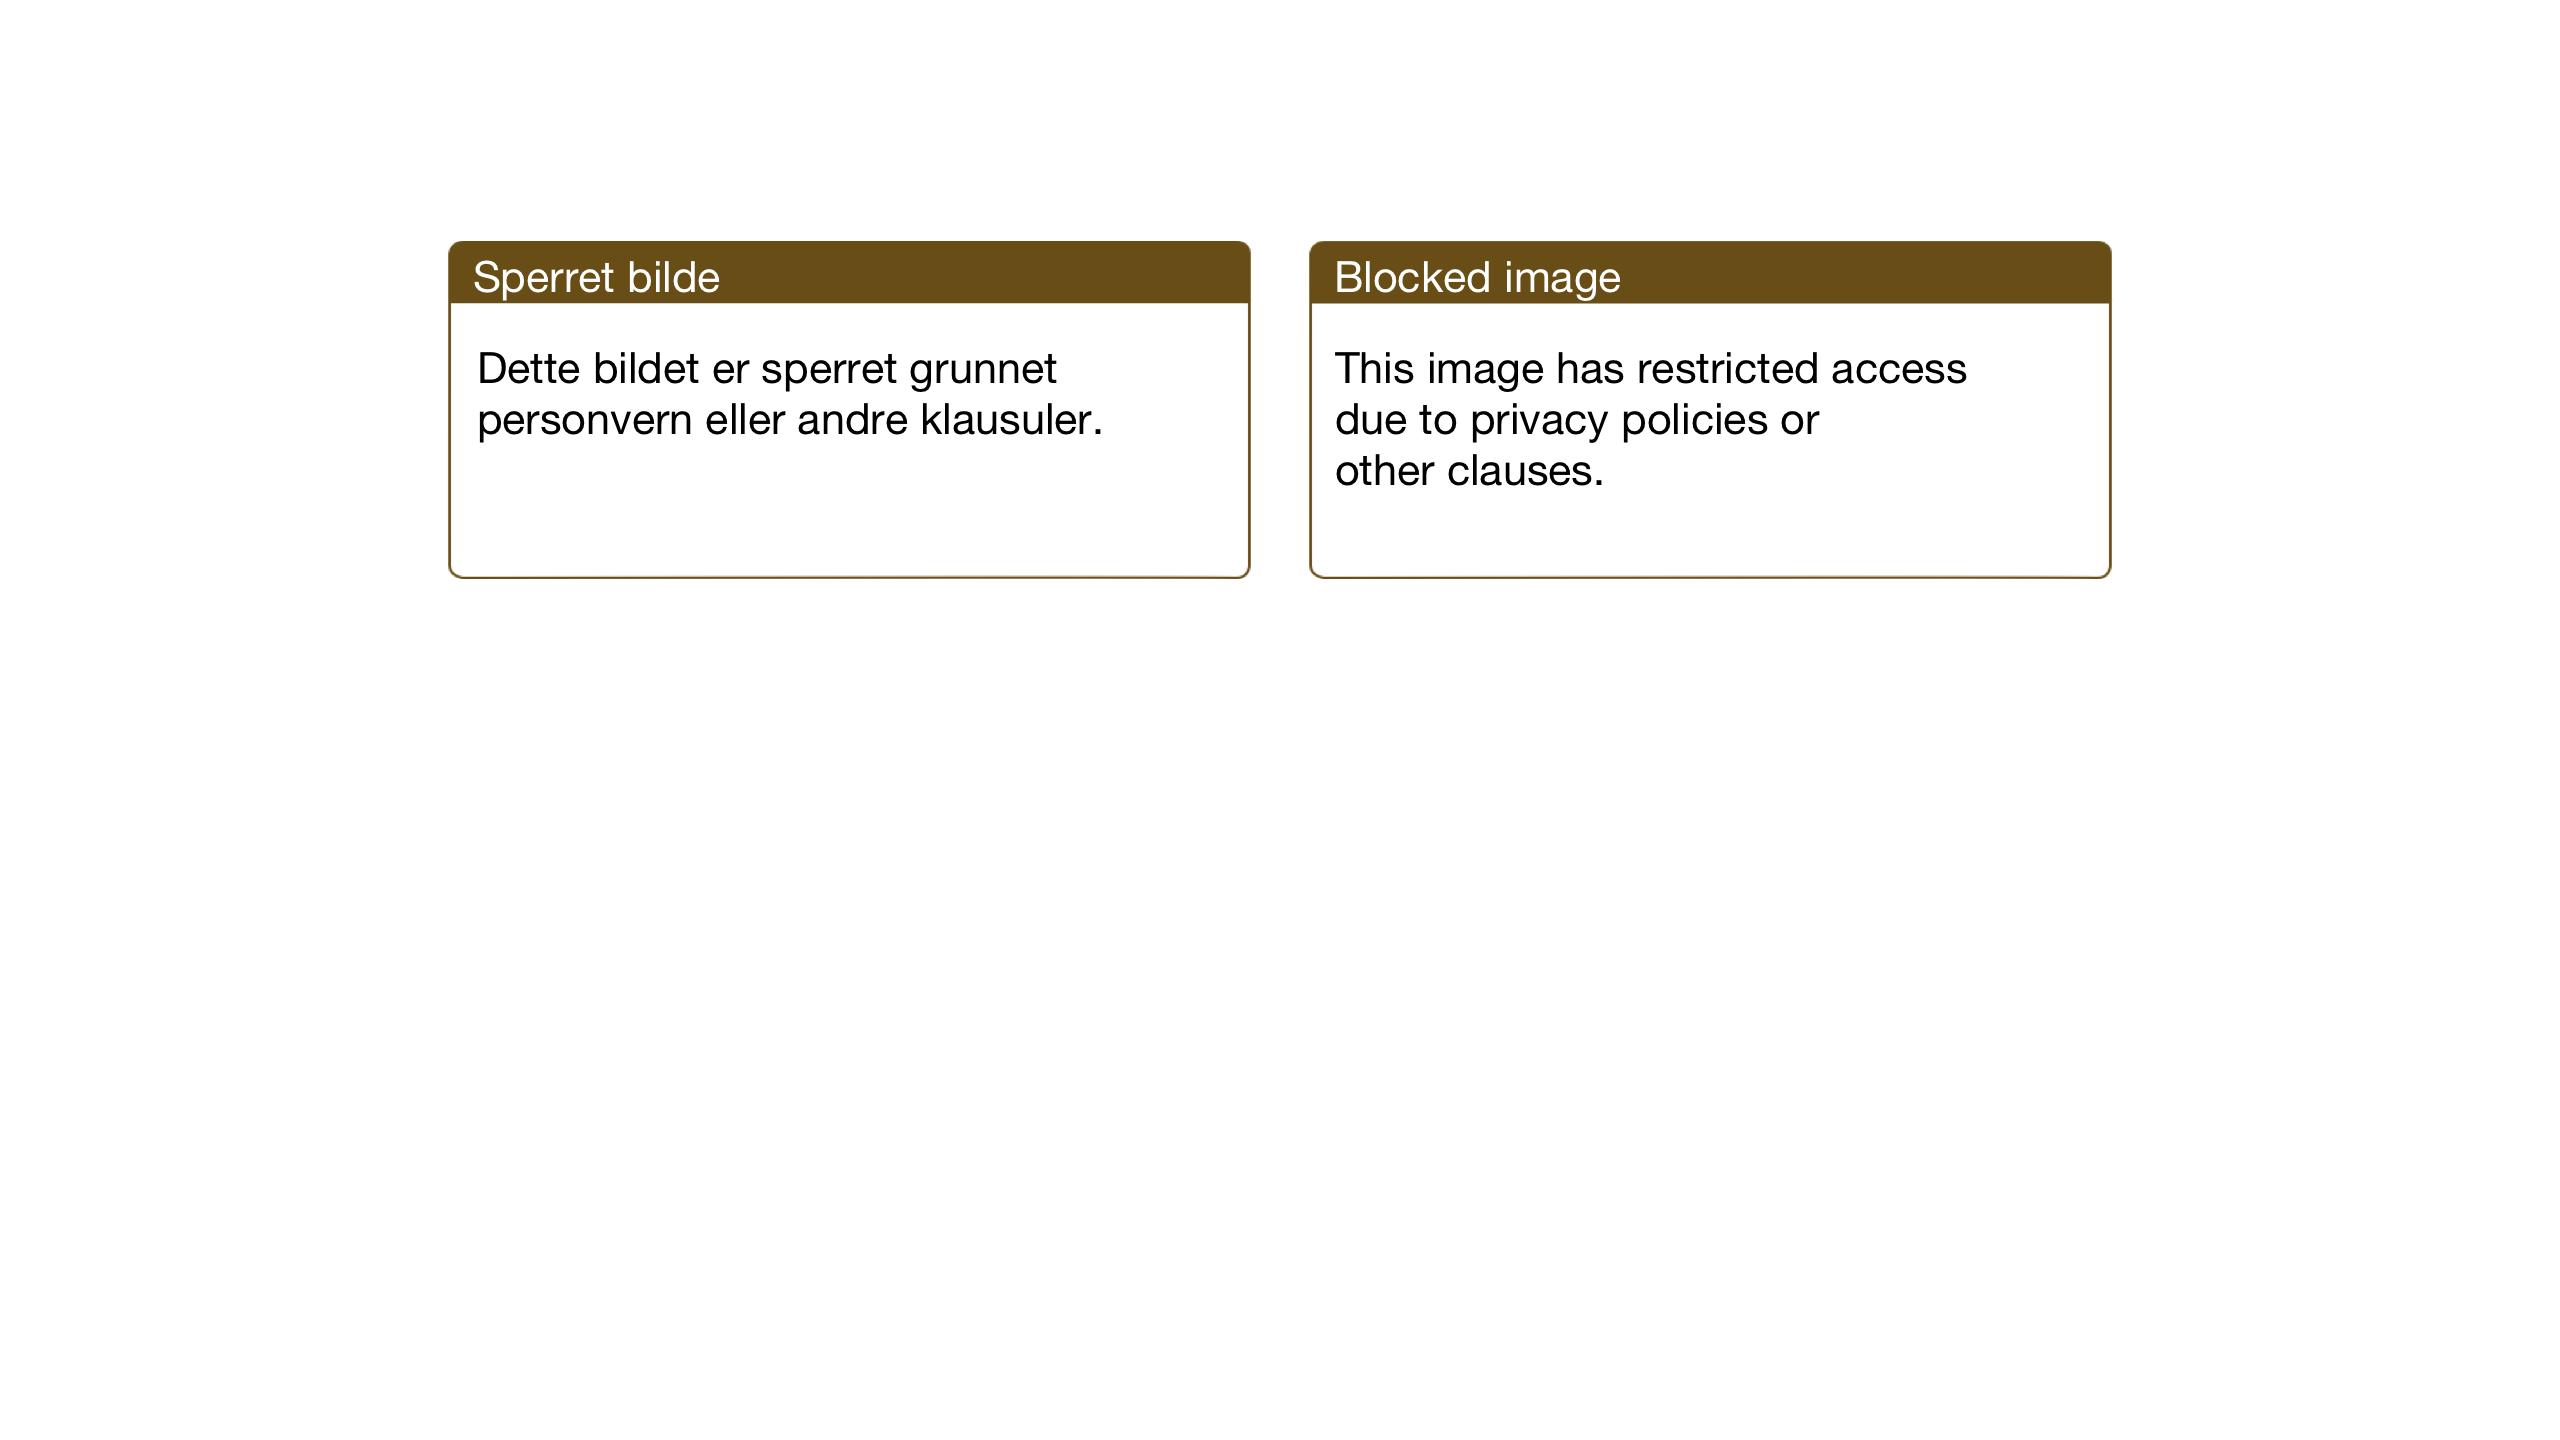 SAT, Ministerialprotokoller, klokkerbøker og fødselsregistre - Nord-Trøndelag, 733/L0328: Klokkerbok nr. 733C03, 1919-1966, s. 44